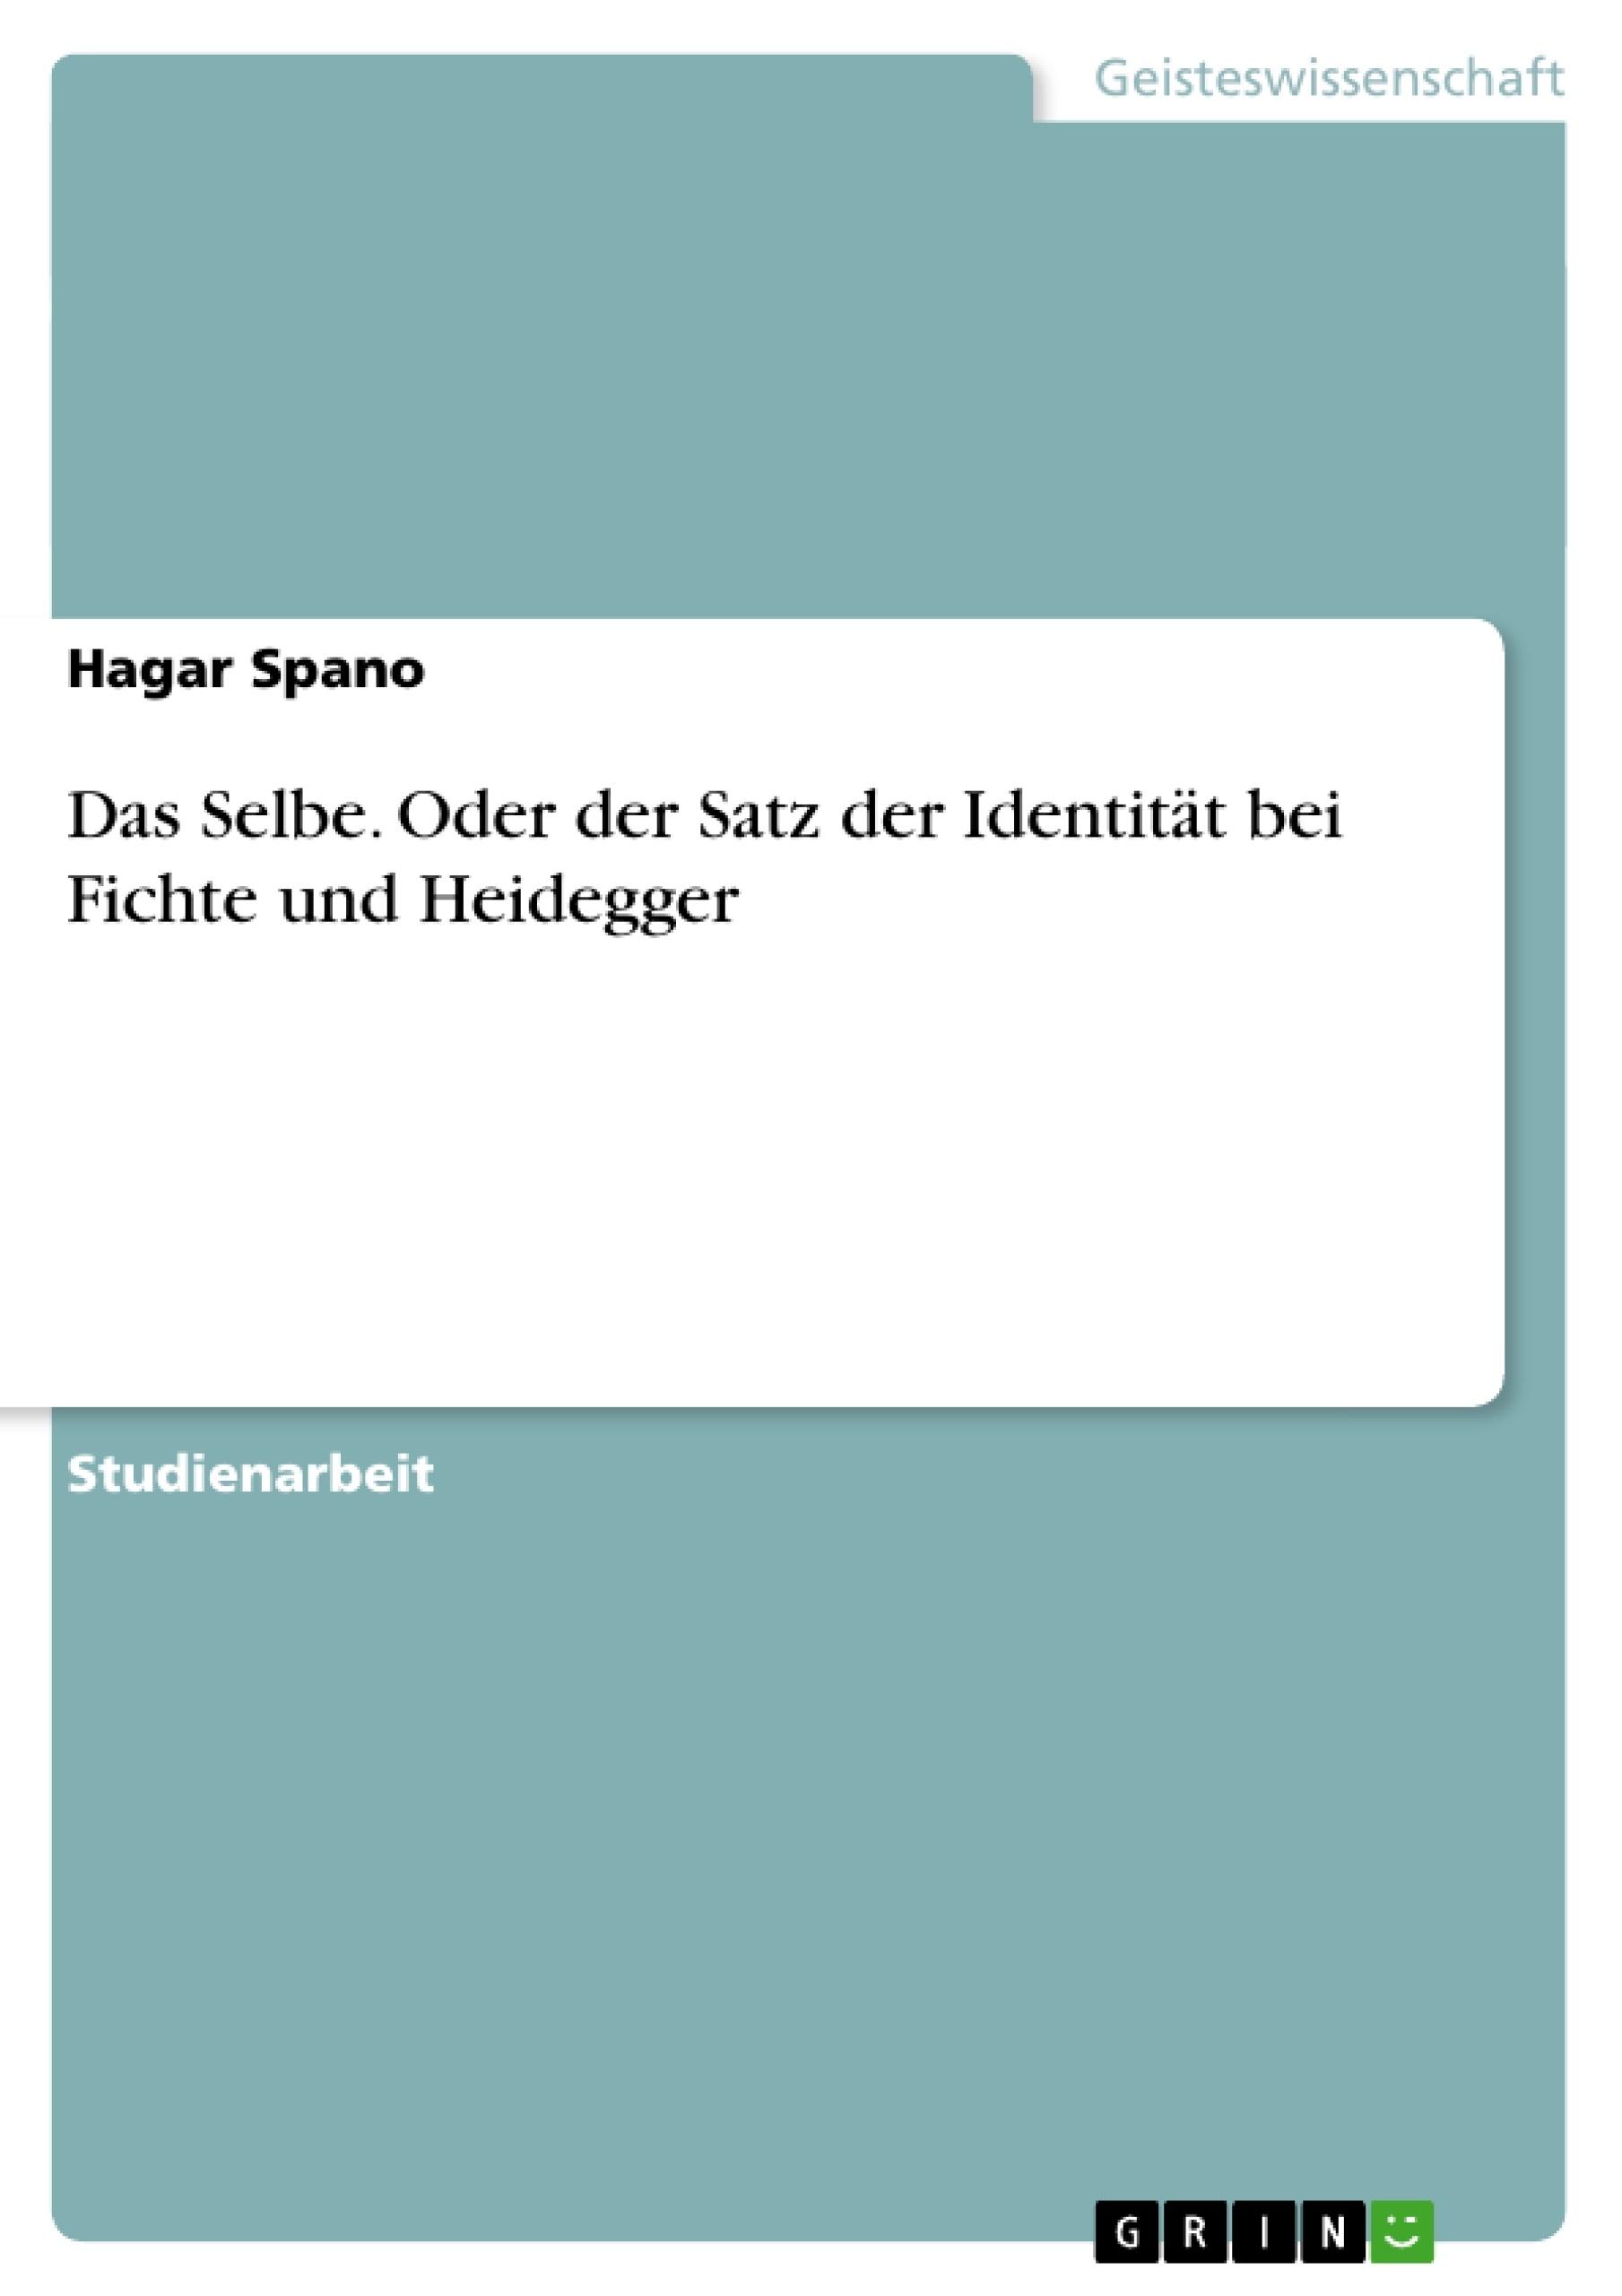 Titel: Das Selbe. Oder der Satz der Identität bei Fichte und Heidegger